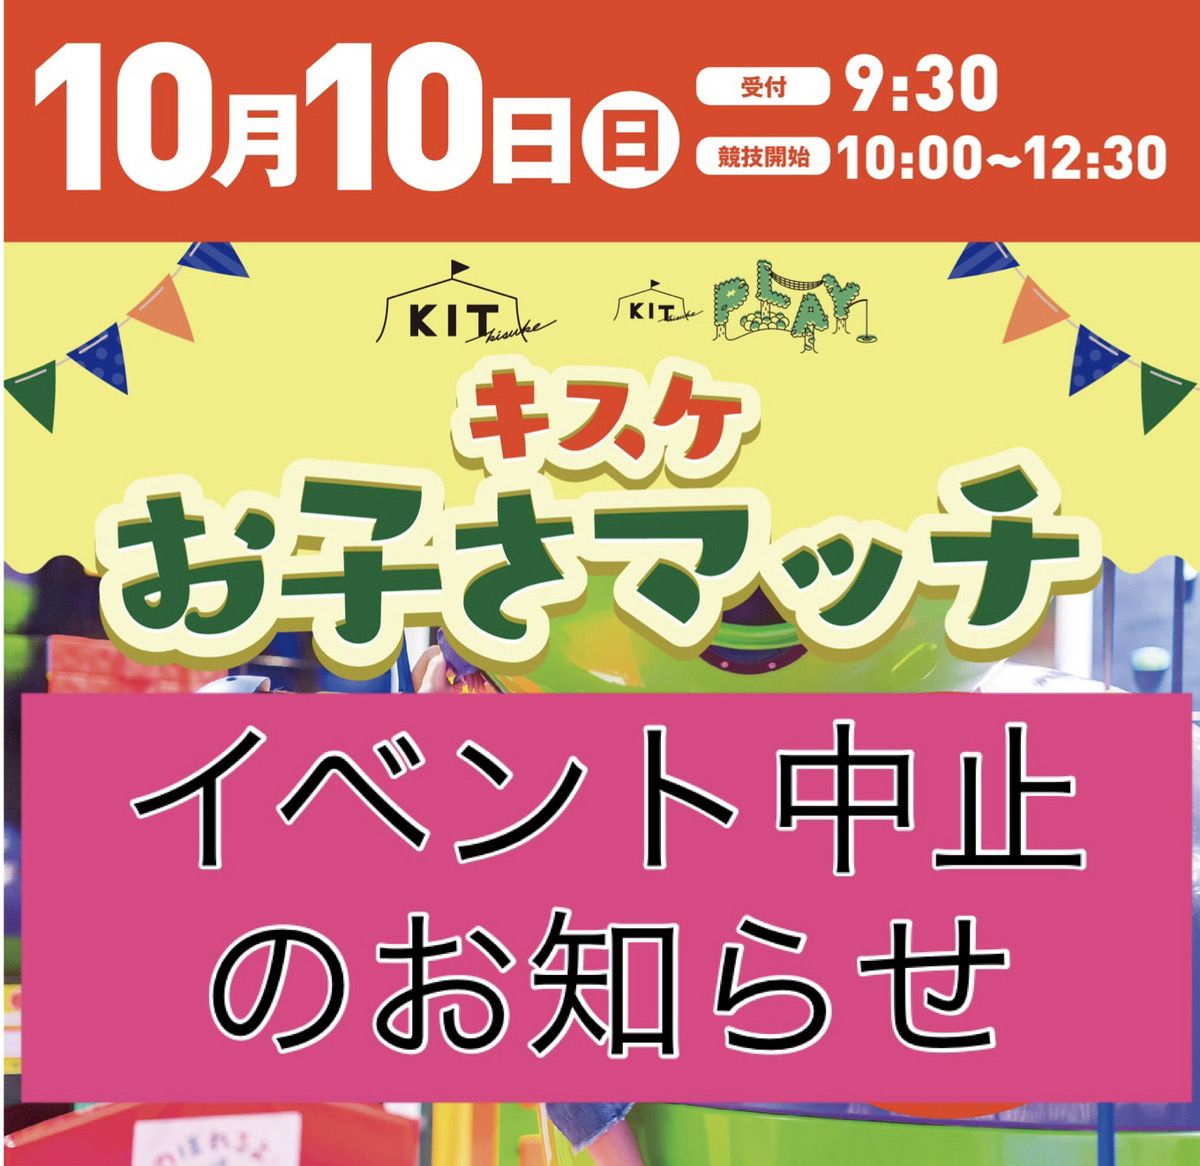 キスケ お子さマッチ2021